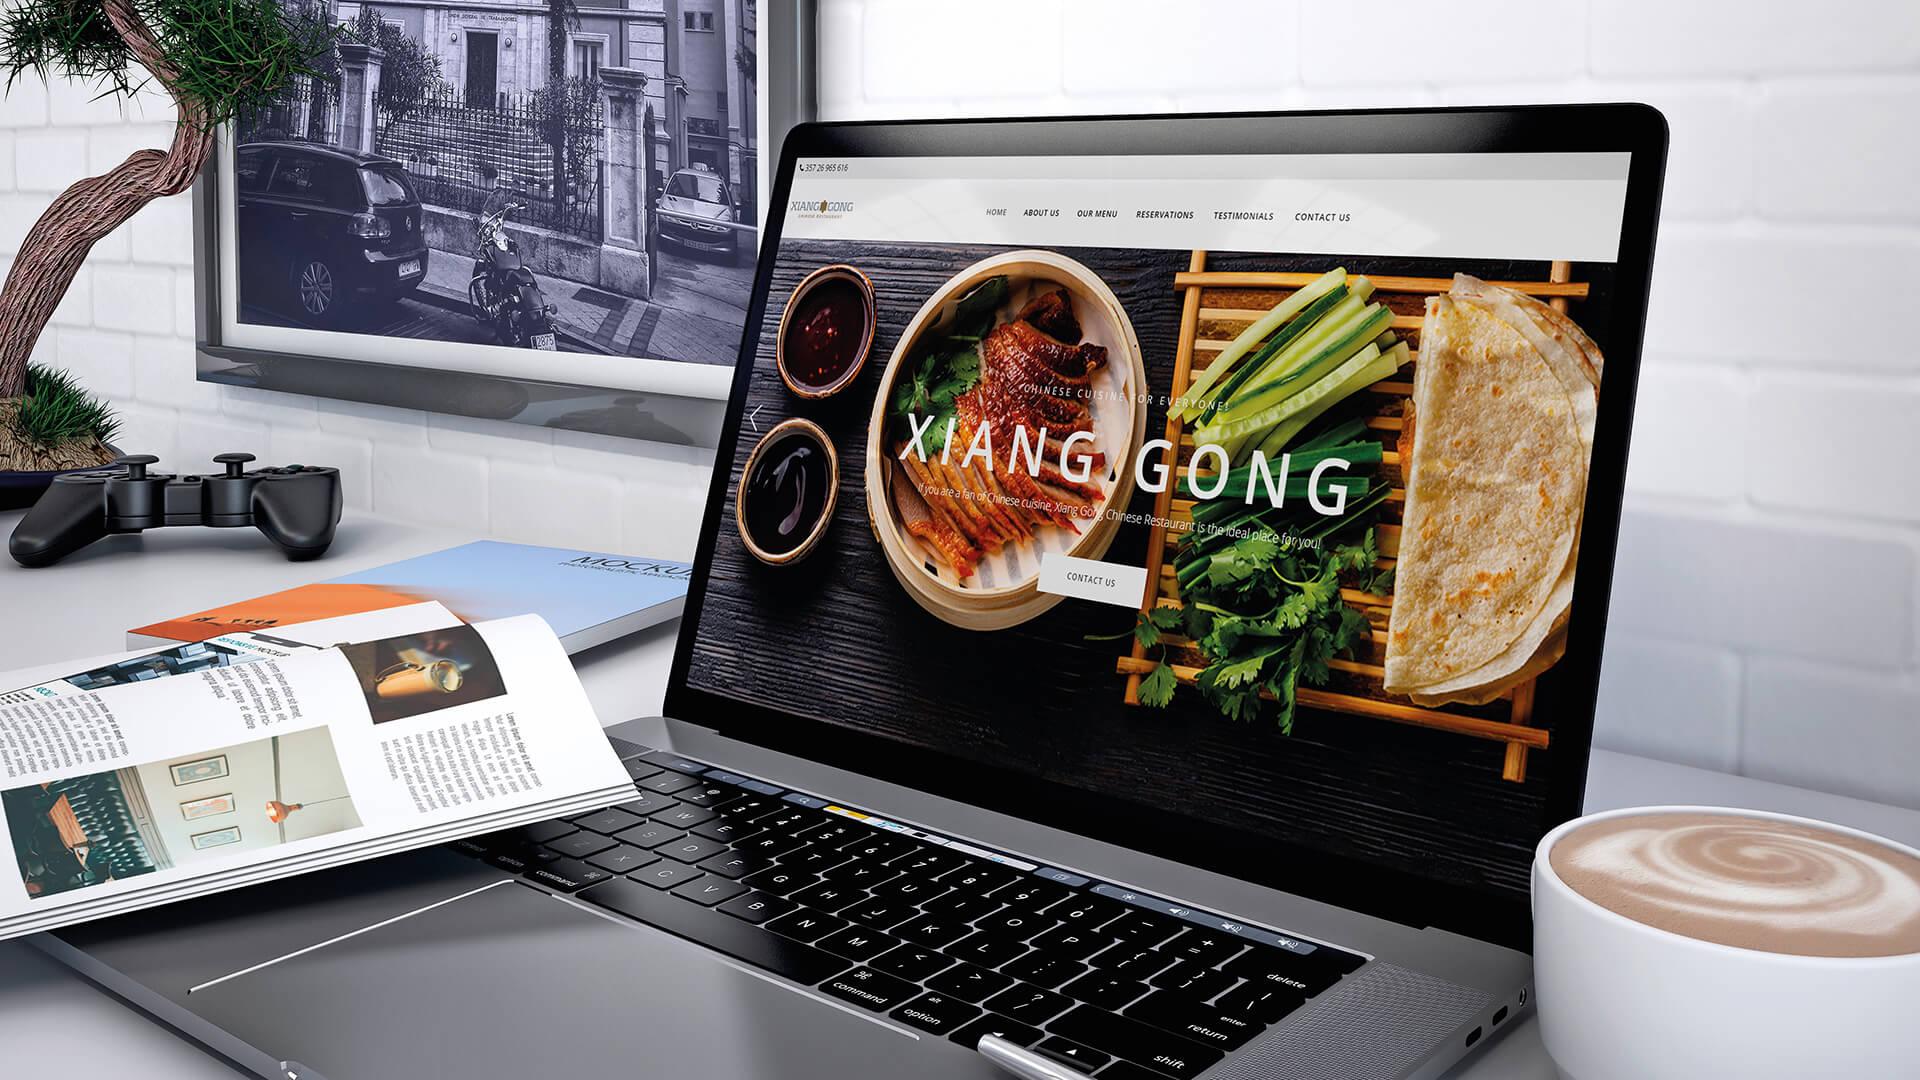 Xiang Gong New Website